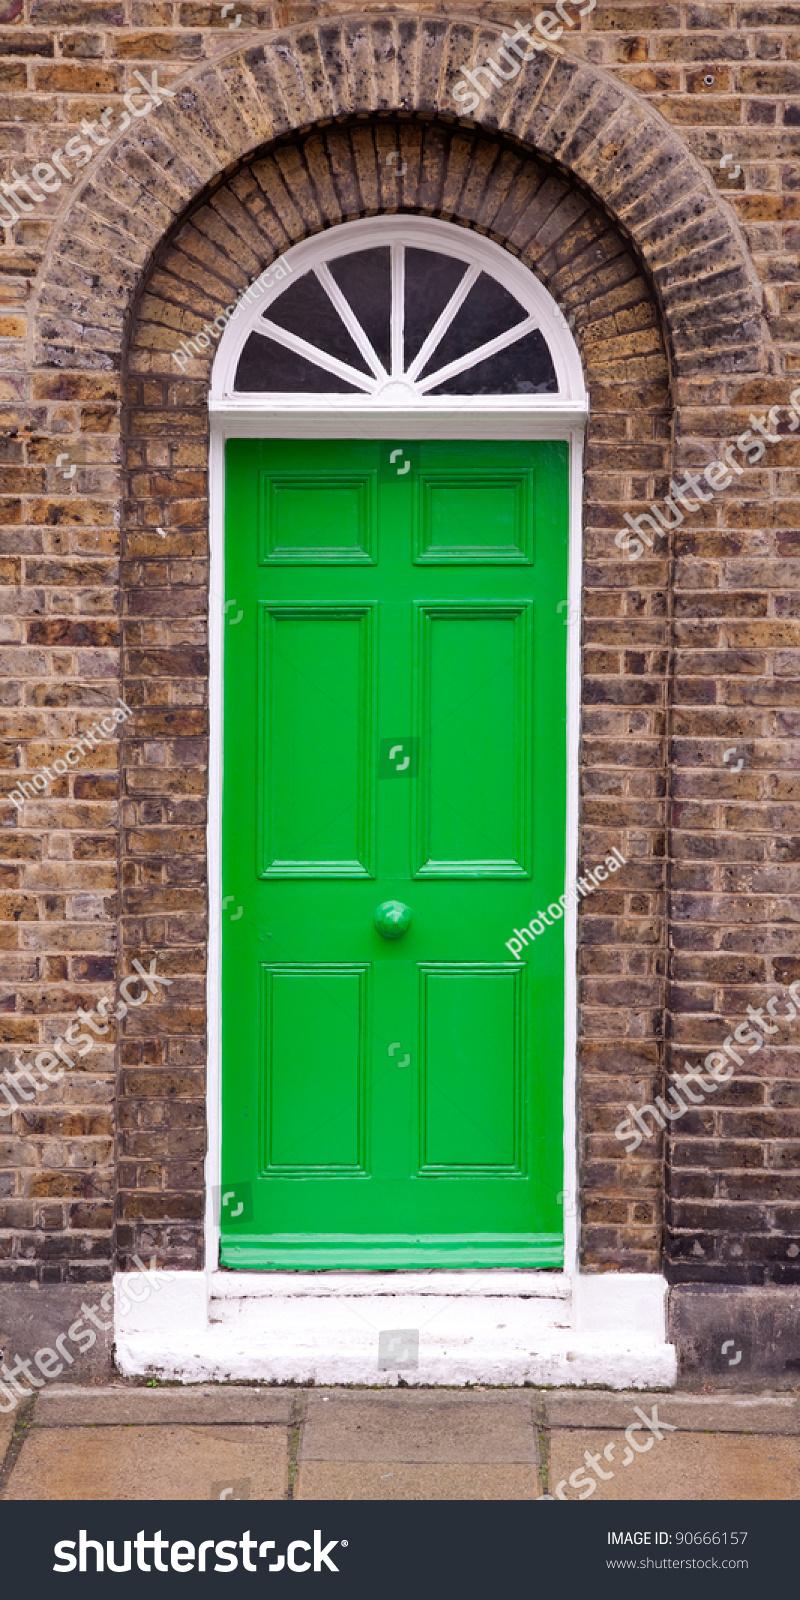 Green Front Door Stock Photo Shutterstock - Green front door